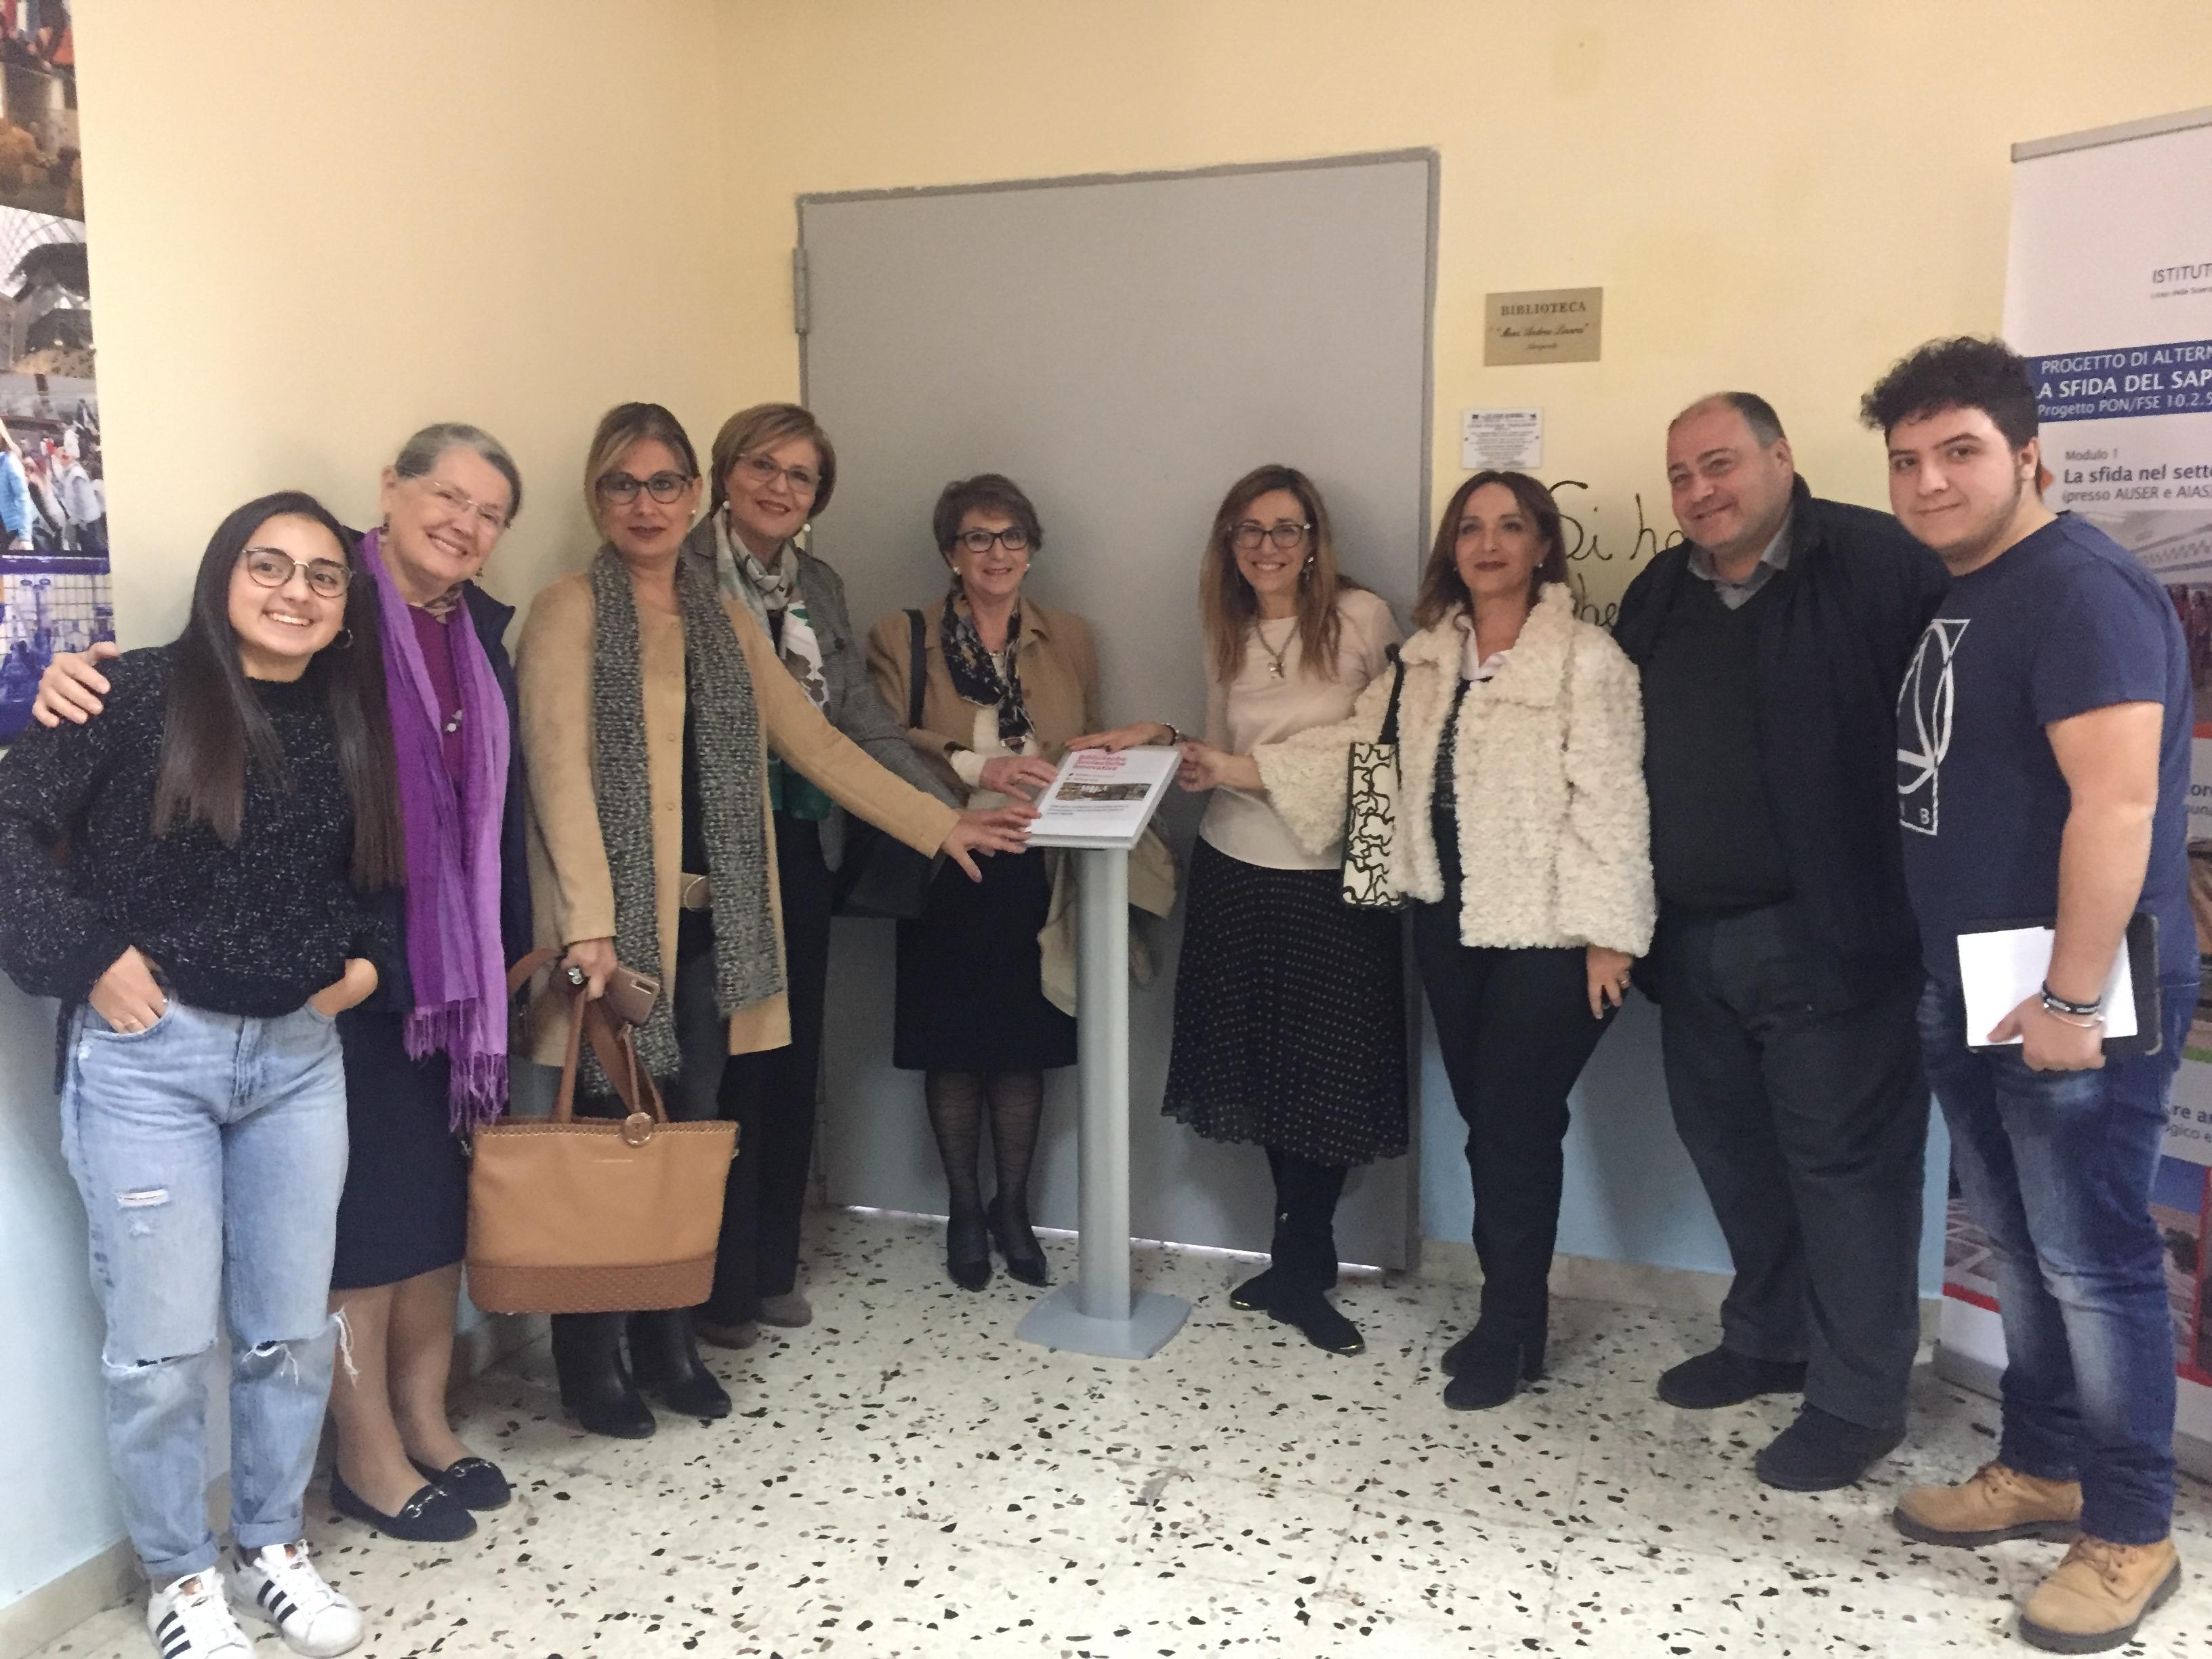 Il Liceo Pascasino di Marsala celebra la giornata di lettura nelle scuole - Tp24